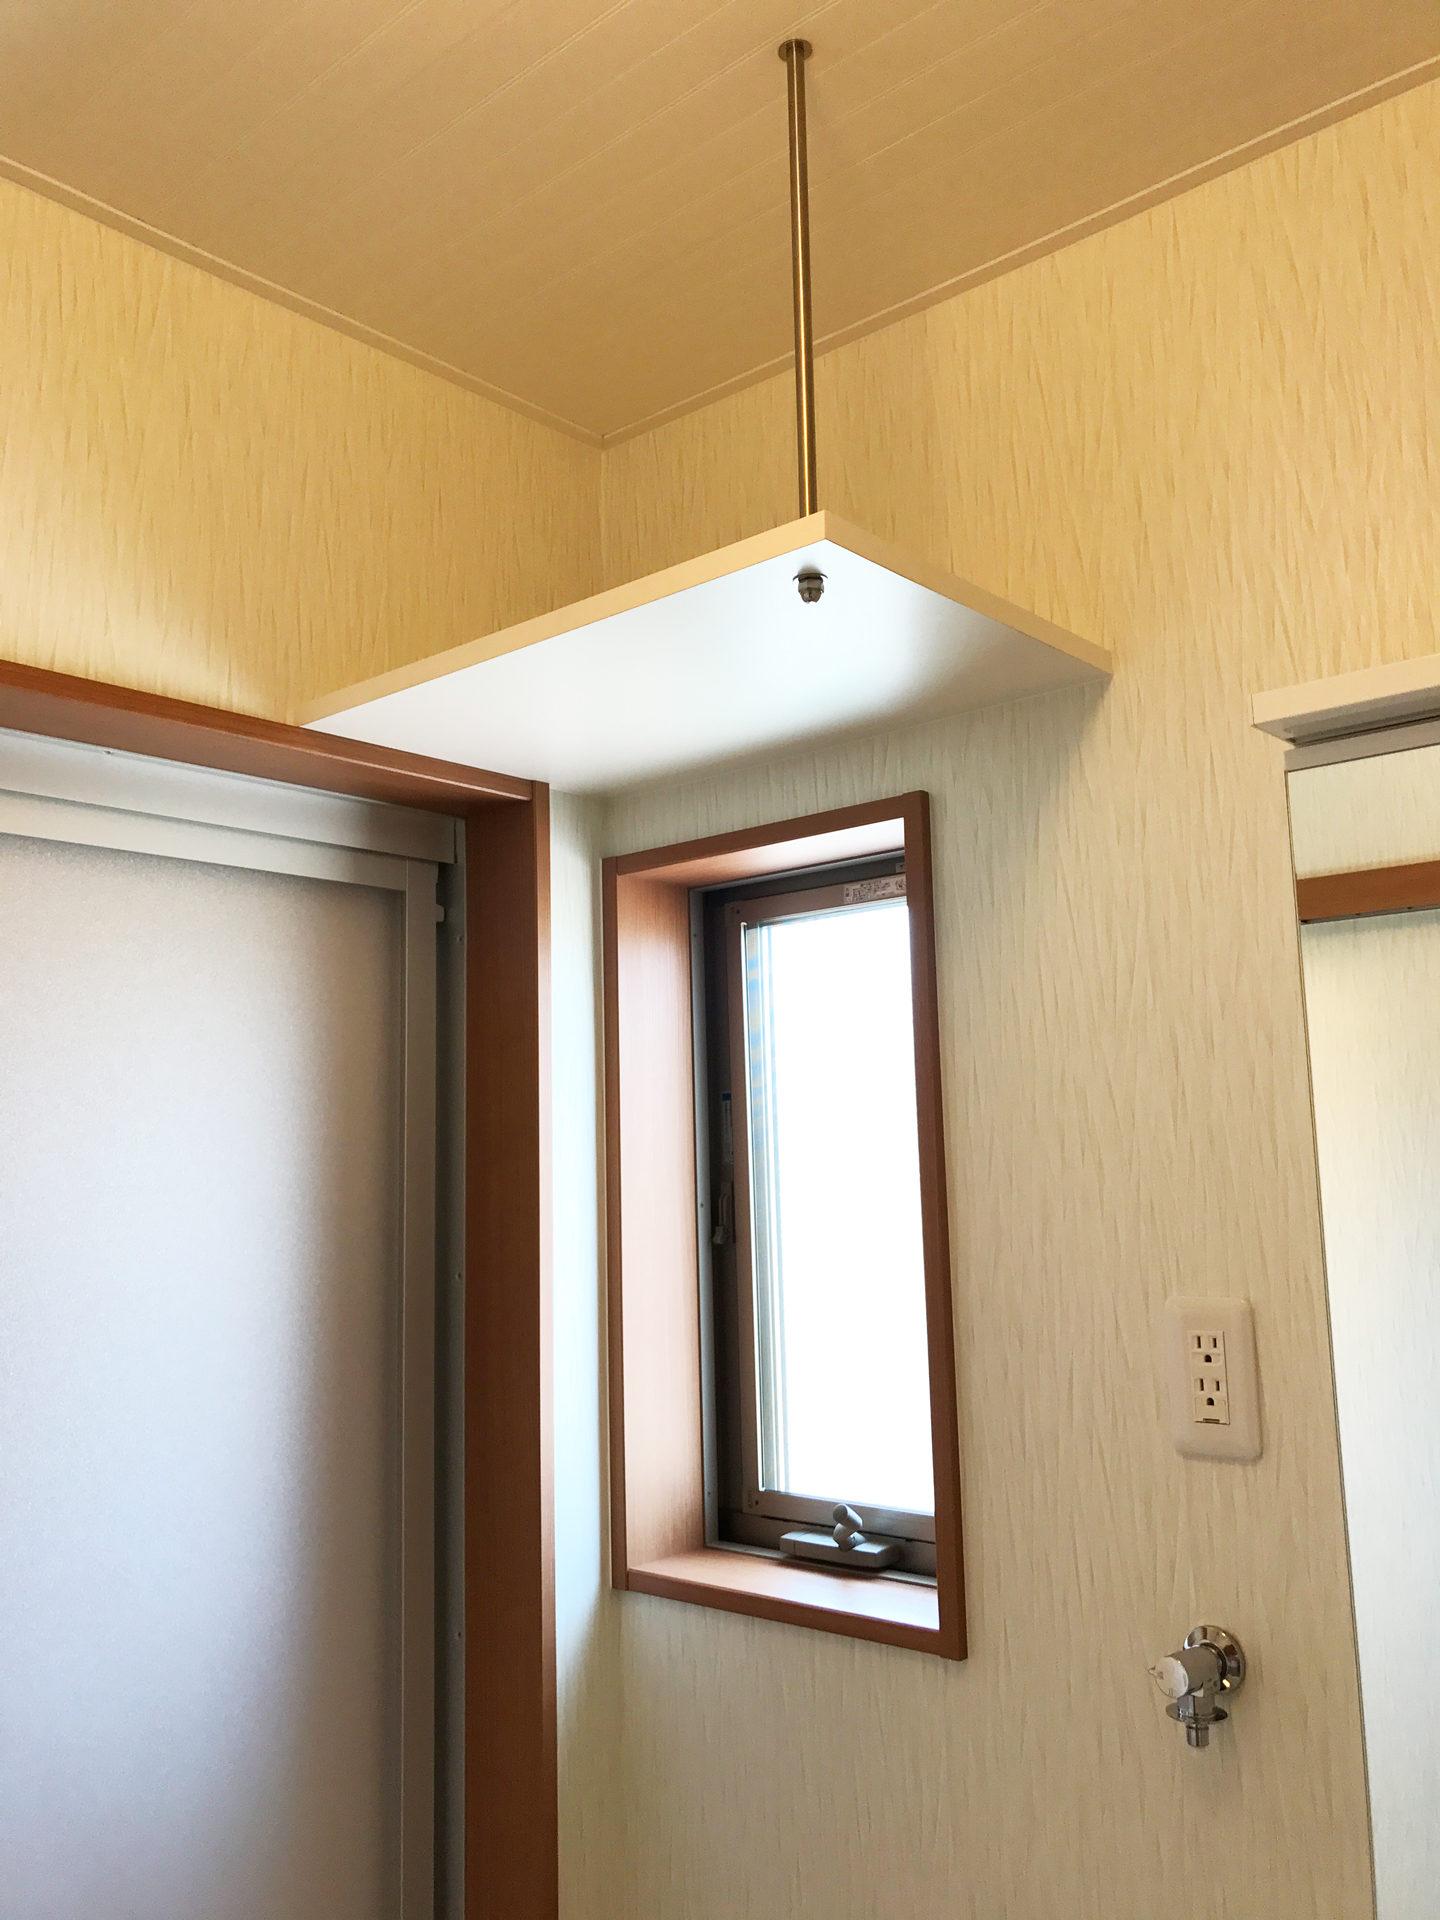 設計・デザインをした店舗(鍼灸接骨院)付き住宅の洗面脱衣室内収納棚